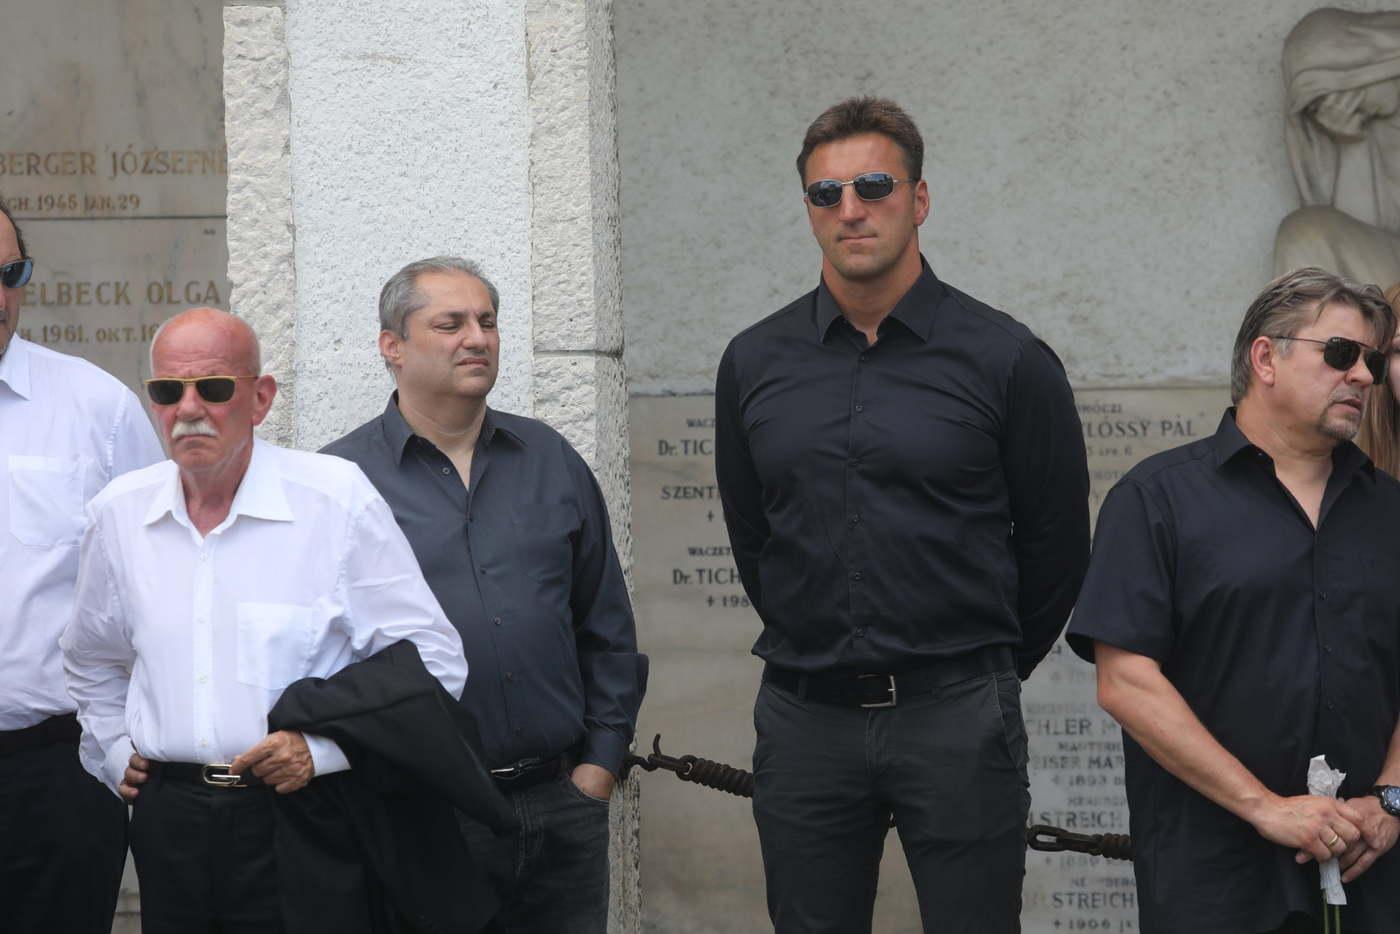 Hajdú B. István, sportkommentátor (balra) és Kiss Gergely, háromszoros olimpiai bajnok vízilabdázó